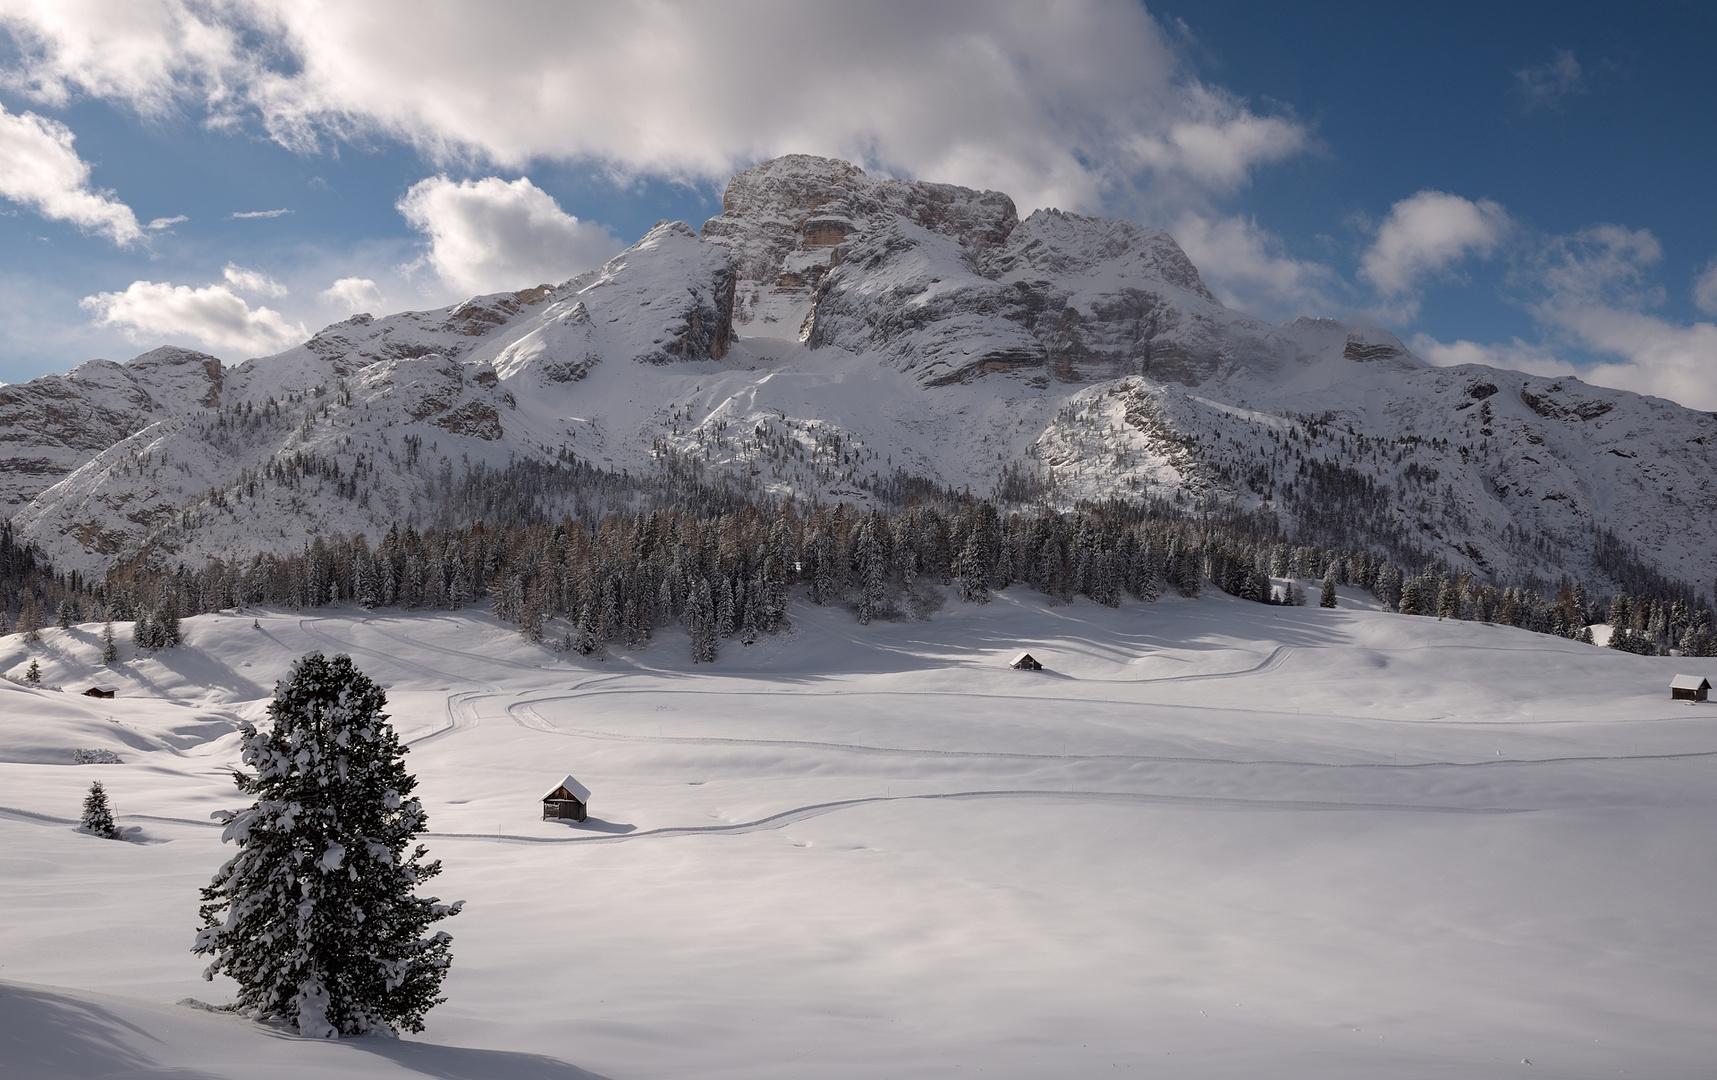 Wintertraum auf der Plätzwiese. Dieses Jahr sieht es da oben nicht so schön aus, zum Glück...